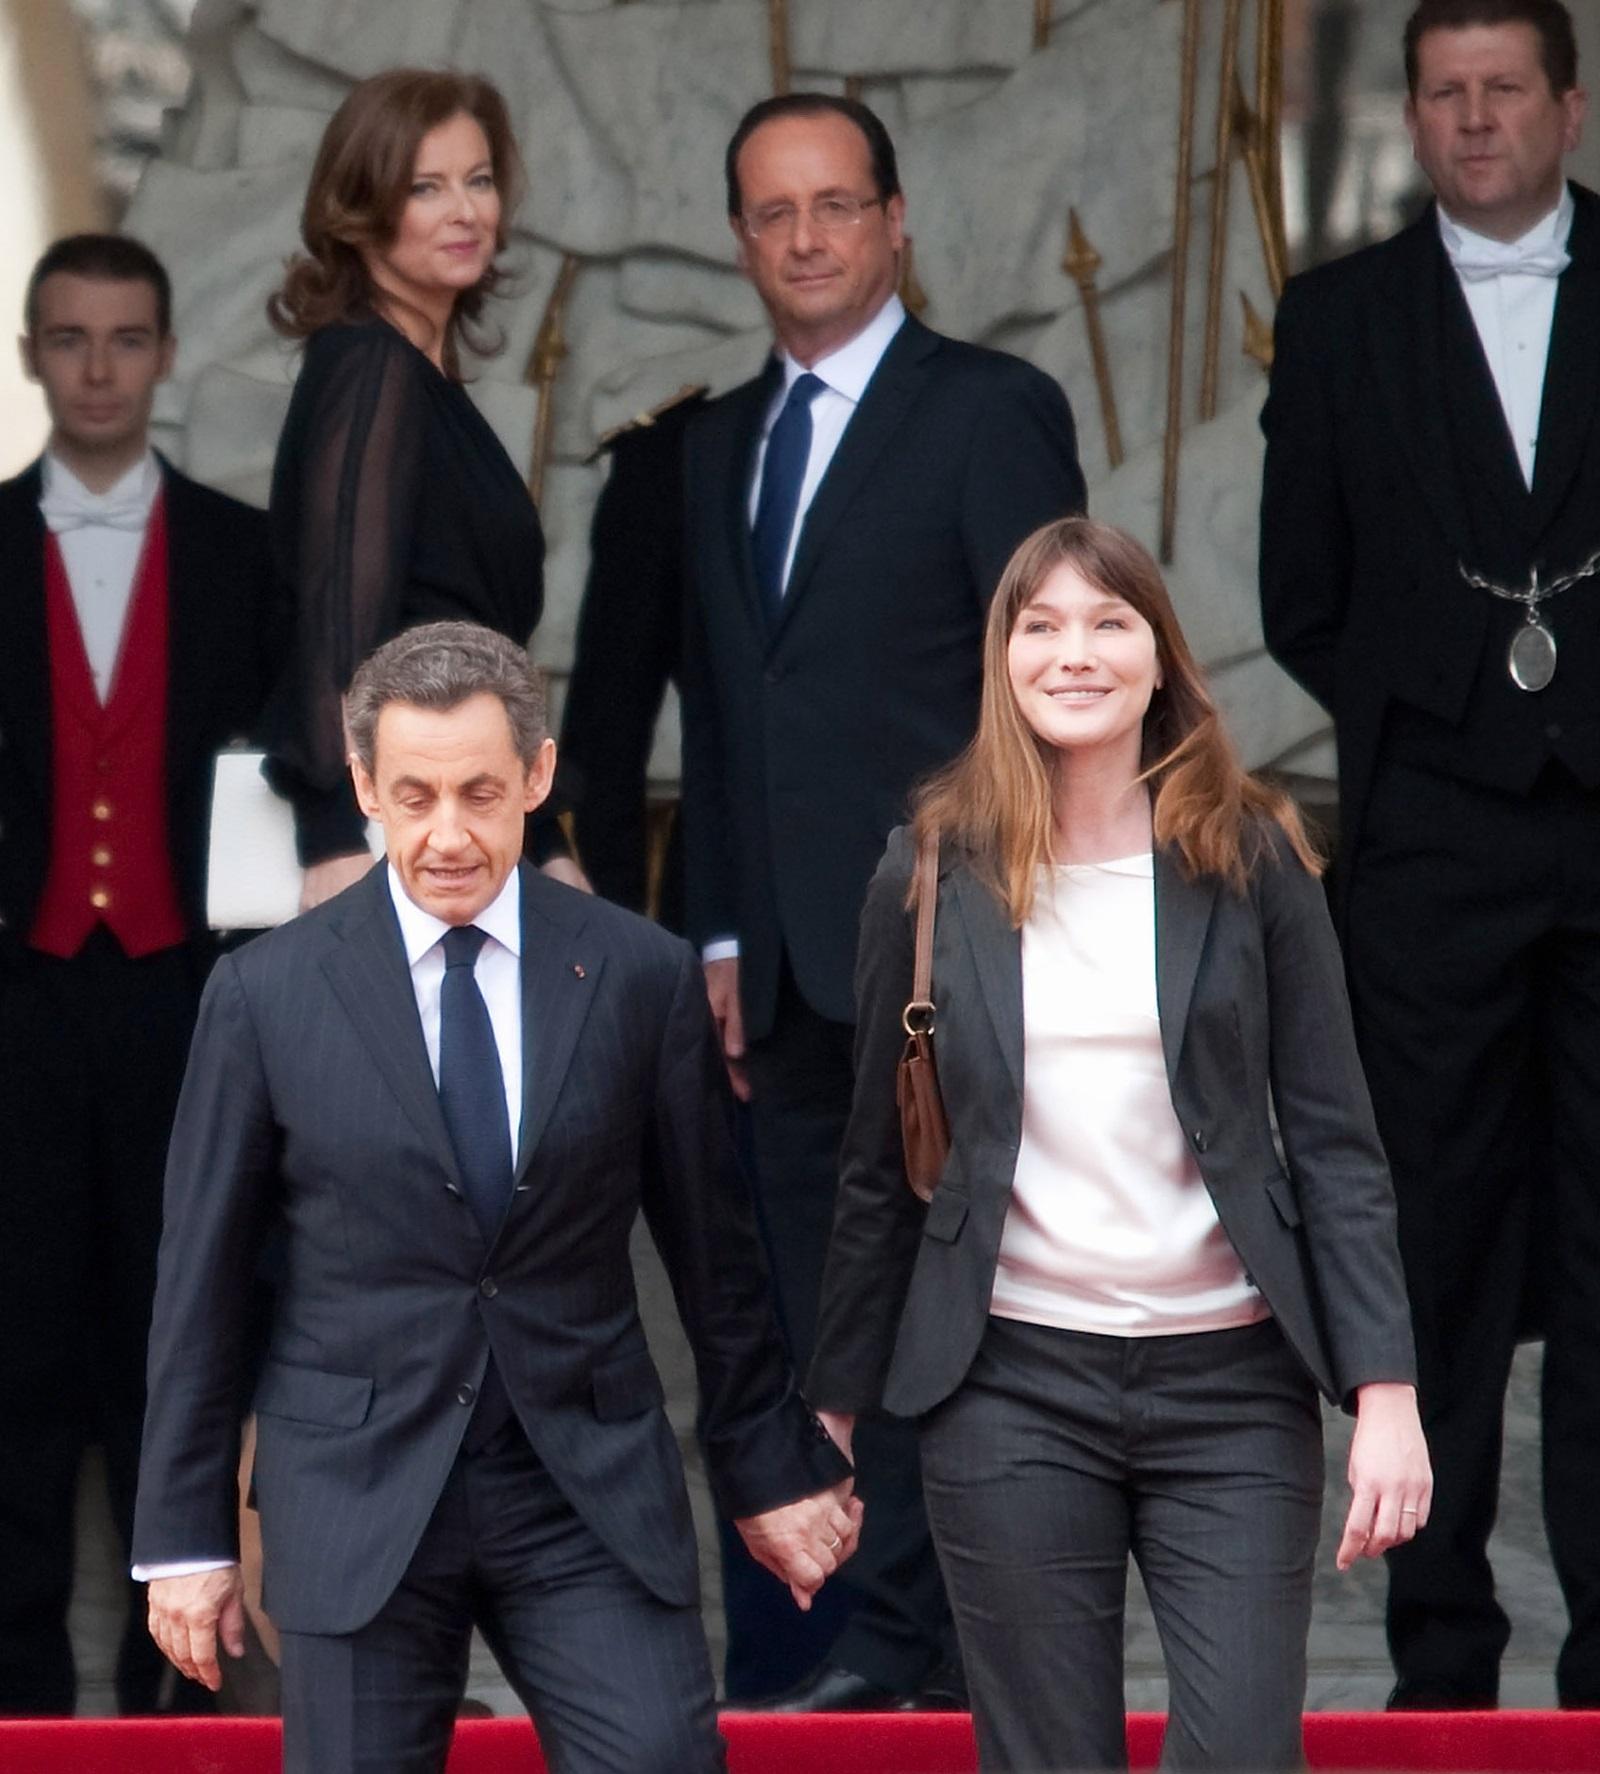 Бившата първа дама на Франция е значително по-висока от съпруга си, който е висок 166 см.